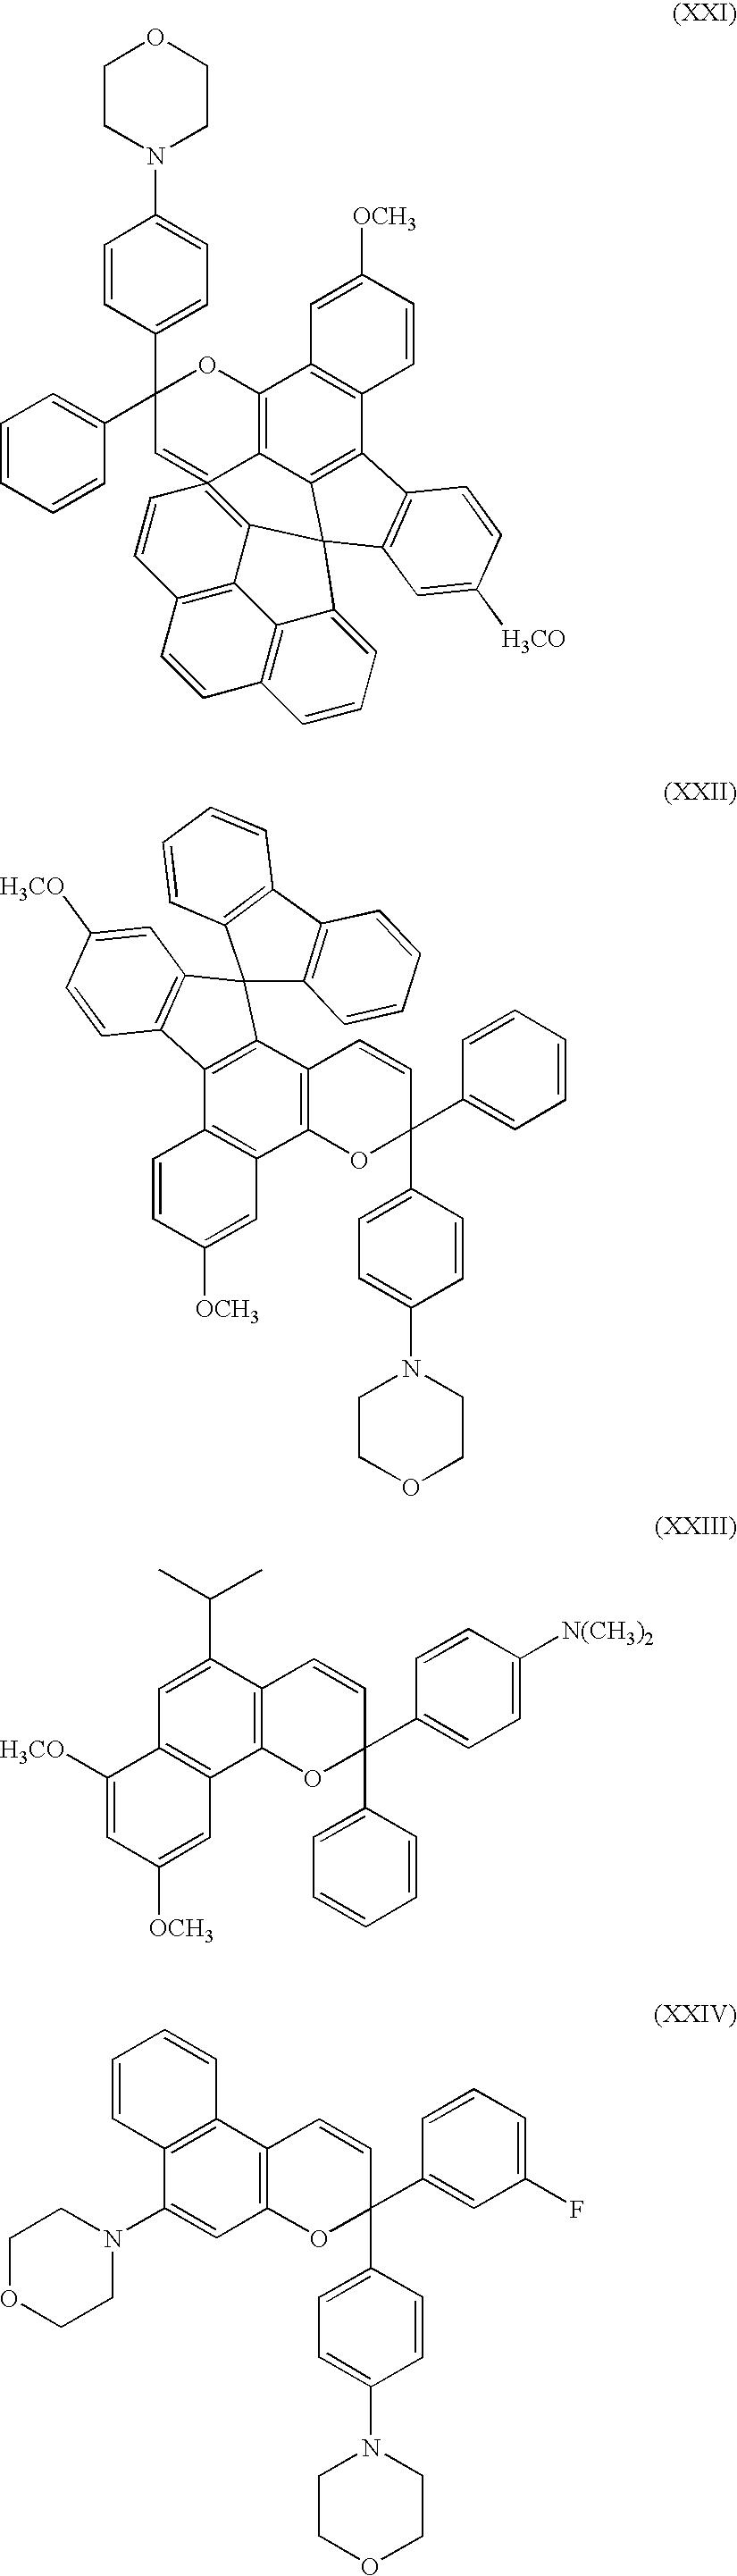 Figure US06698883-20040302-C00031